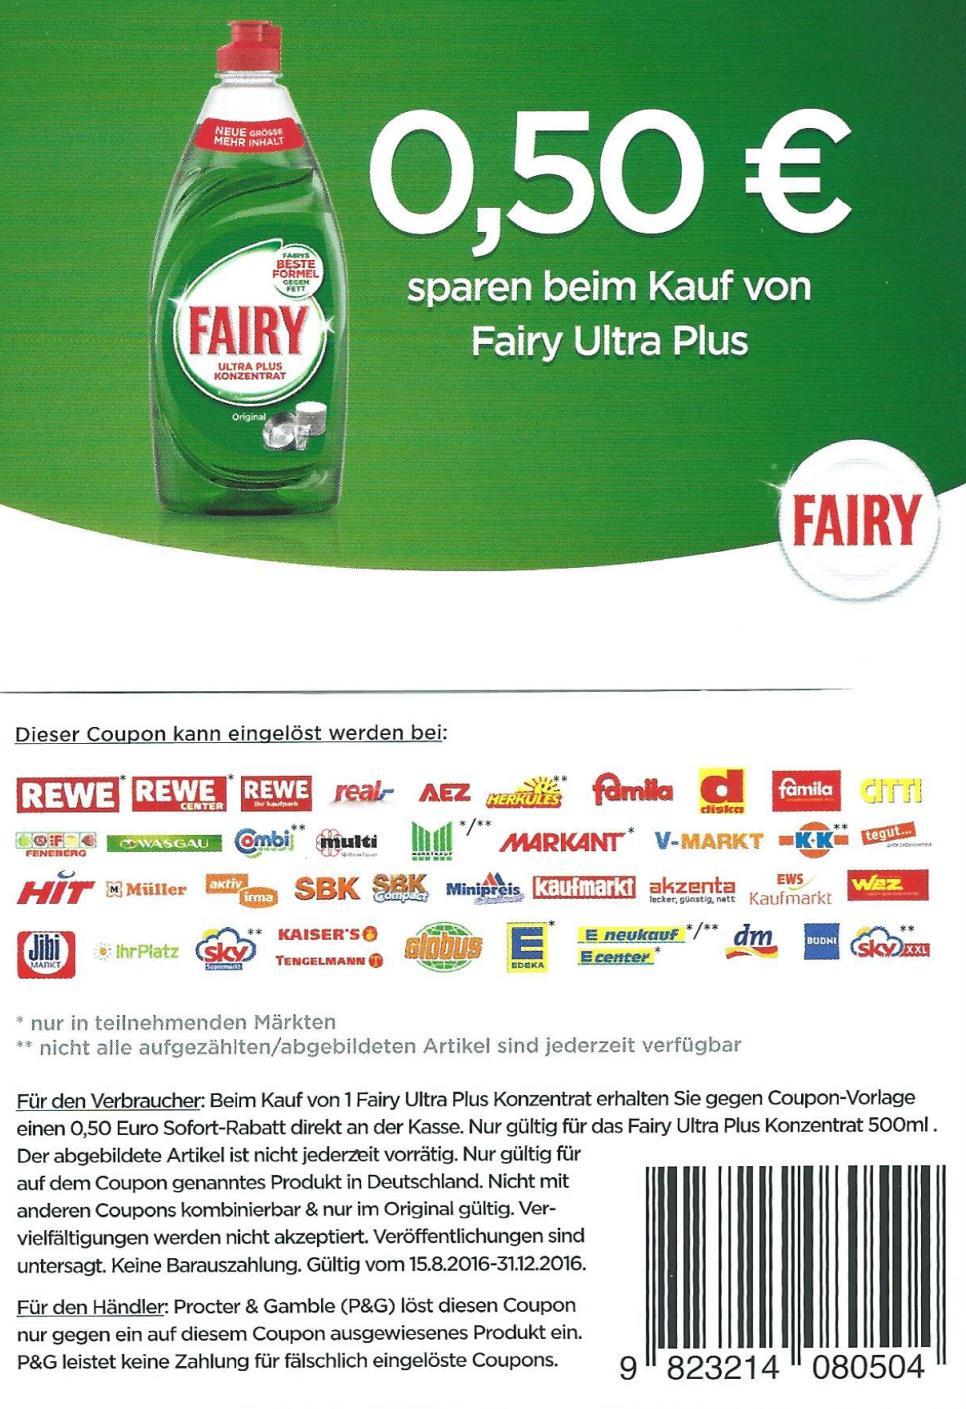 Fairy für 0,99 EUR - 0,50 EUR = 0,49 EUR im Angebot bei HIT und Edeka Südwest